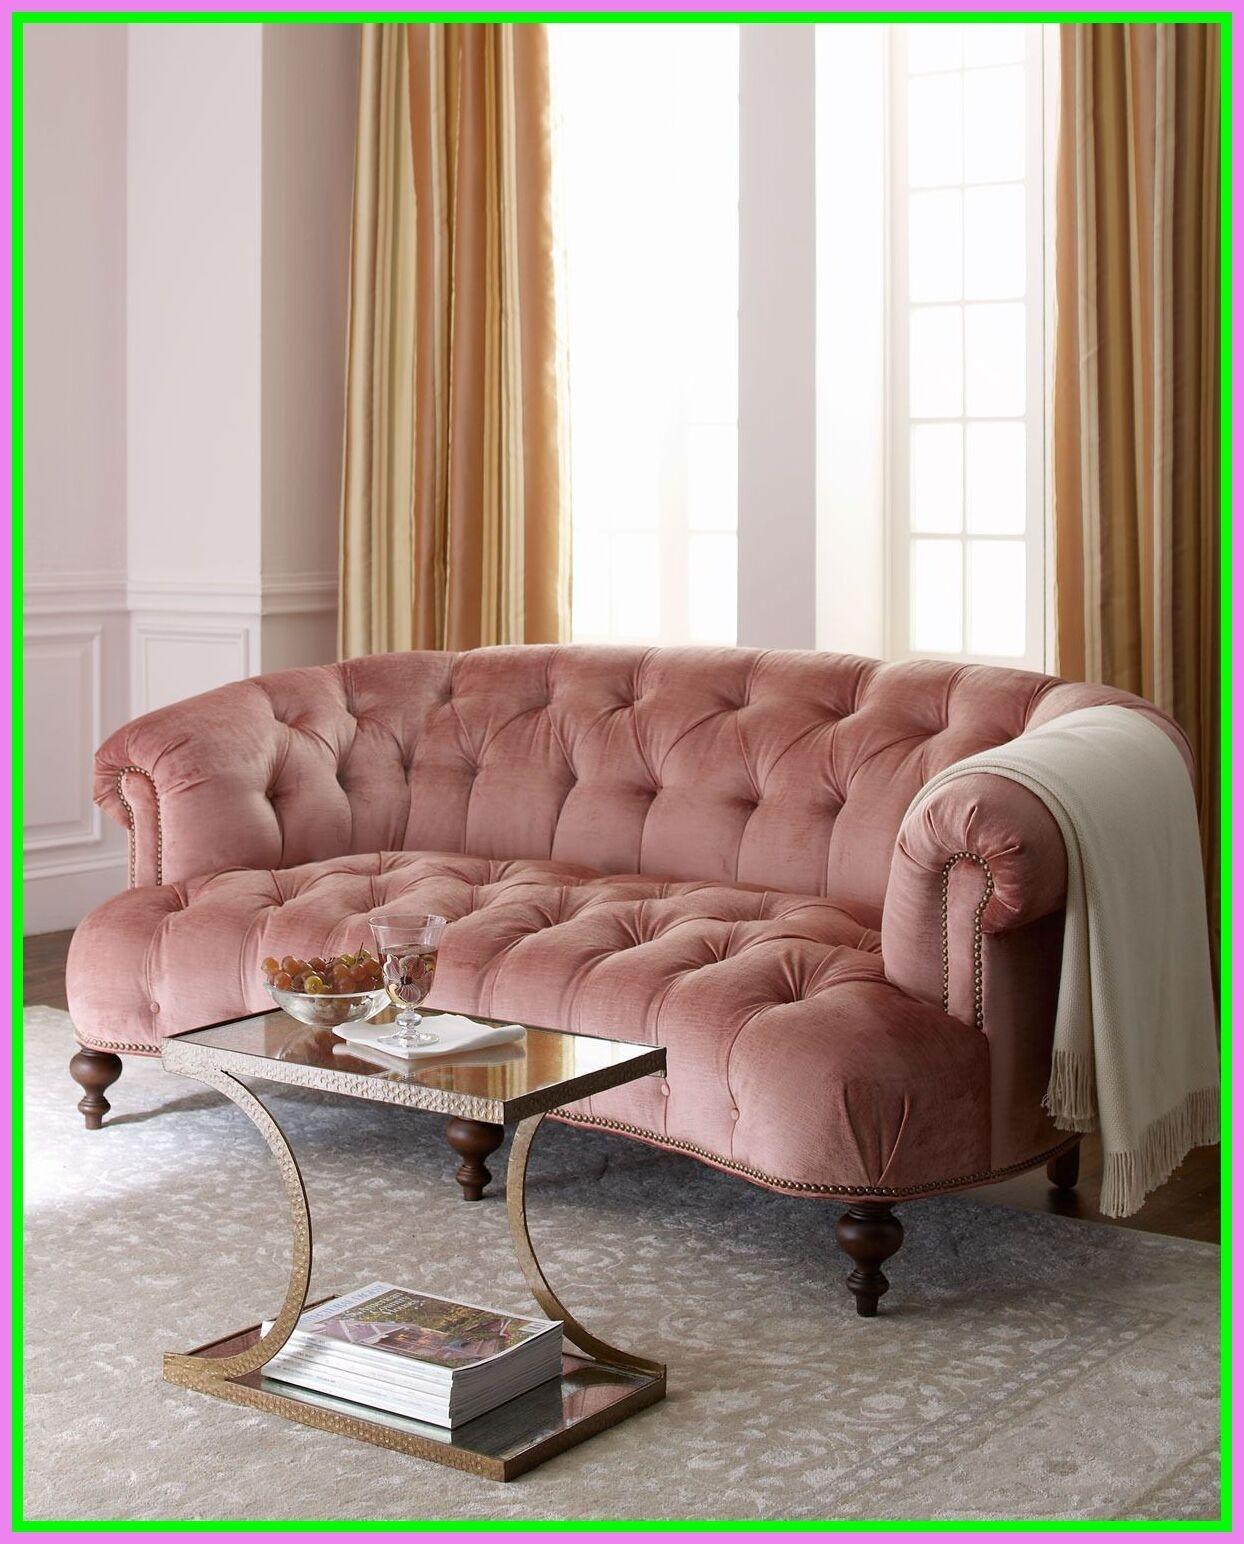 Incroyable Pink Tufted Sofa